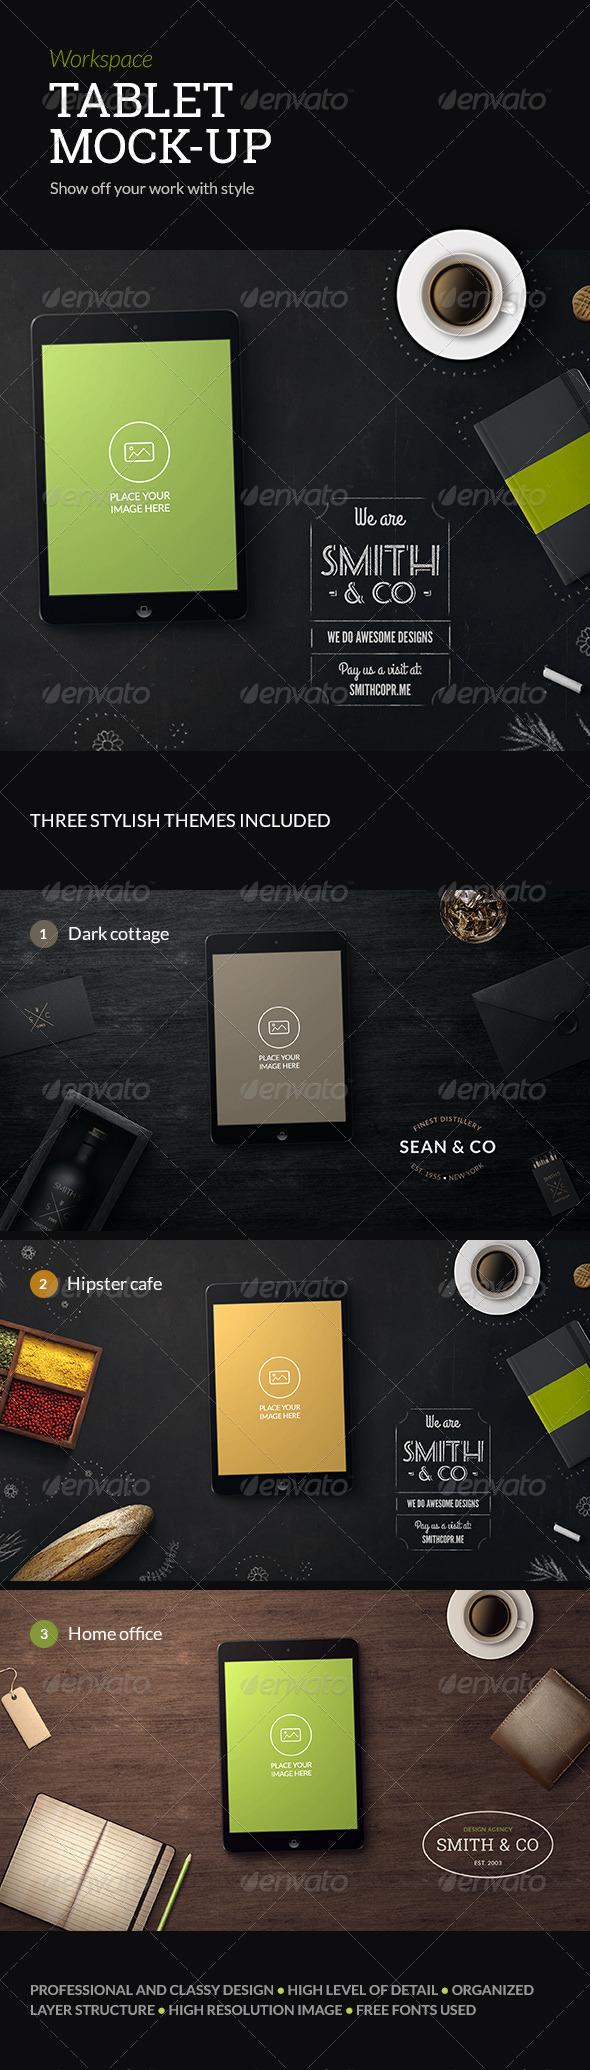 GraphicRiver Workspace Tablet Mock-up 6763187